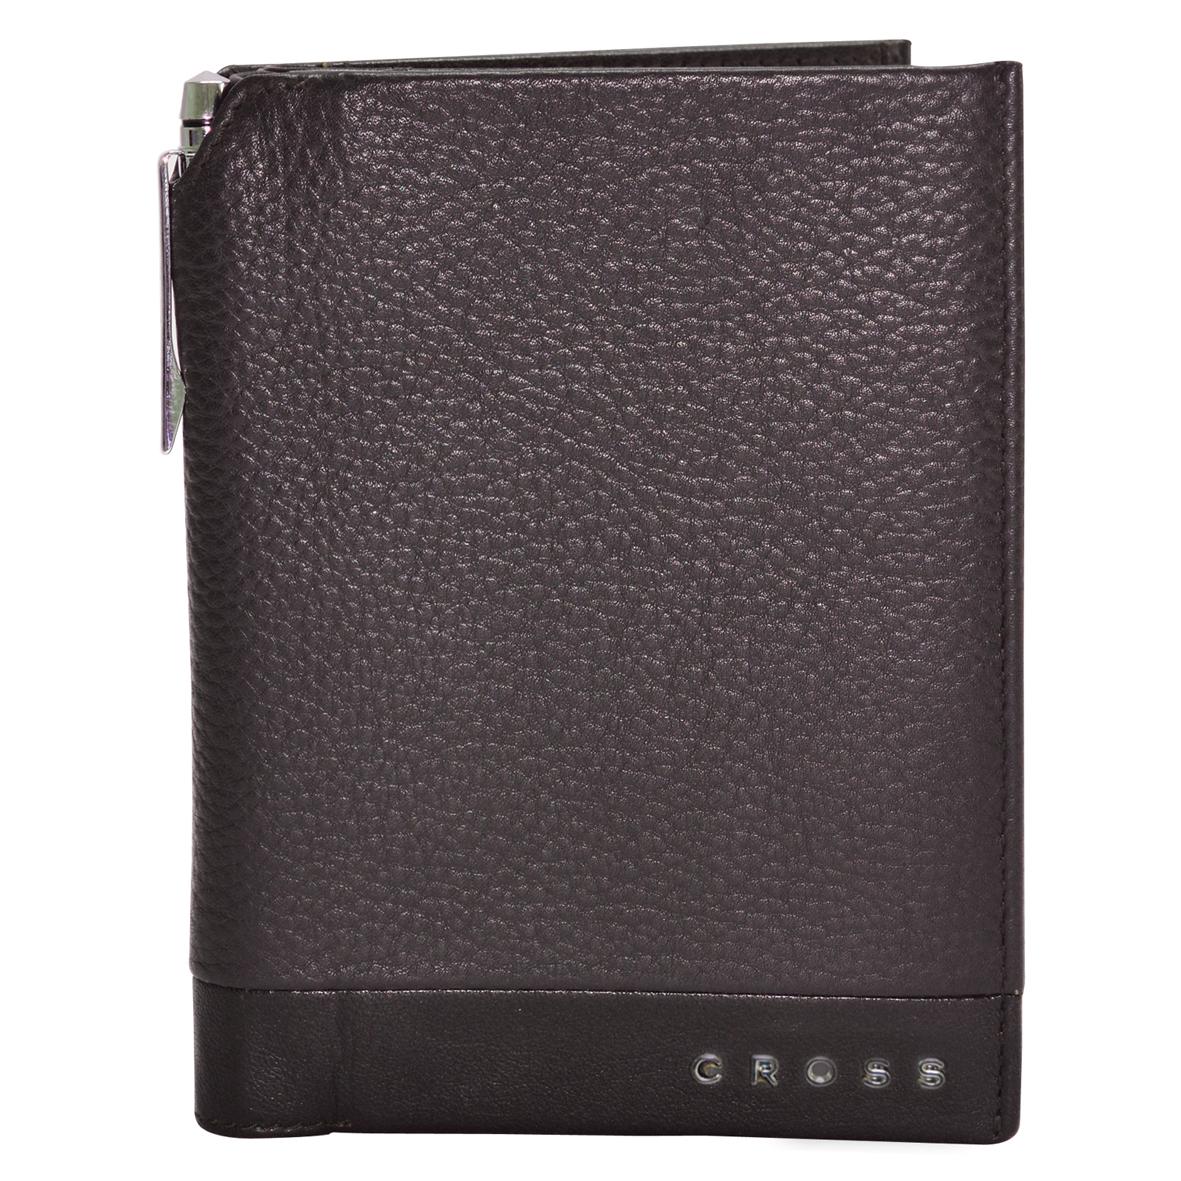 Обложка для документов мужская Cross, цвет: коричневый. AC028389-2AC028389-2Обложка для документов. Пять отделений для кредитных карт. Один карман-клапан. Универсальный карман. Ручка Cross.